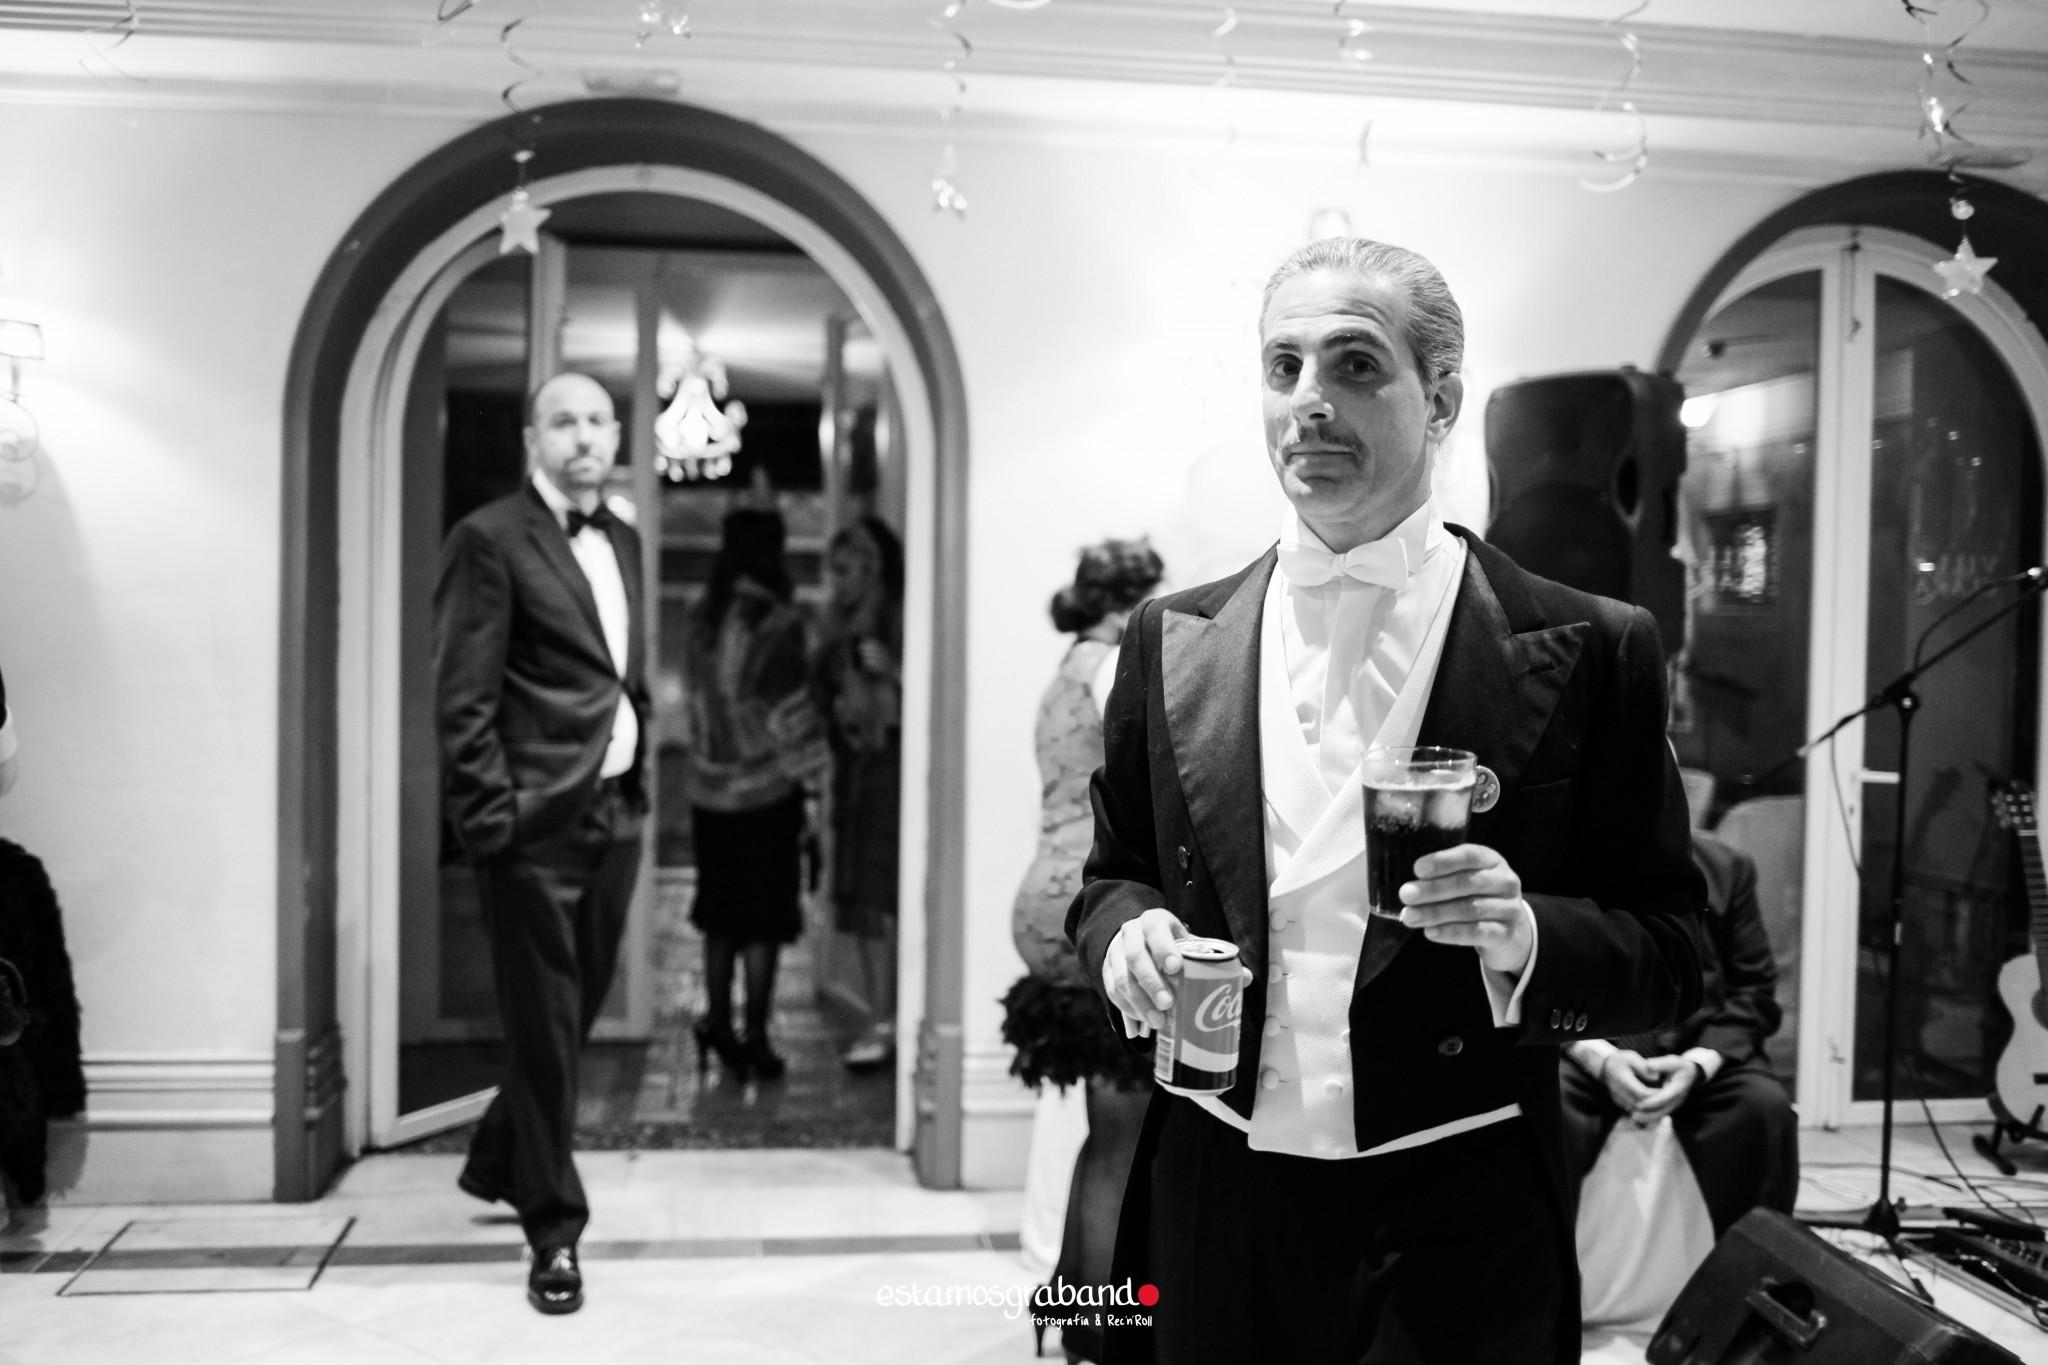 Años-20-BBTP-92-de-109 Los locos Años 20 [Fotografía en La Teta de Julieta, Cádiz] - video boda cadiz